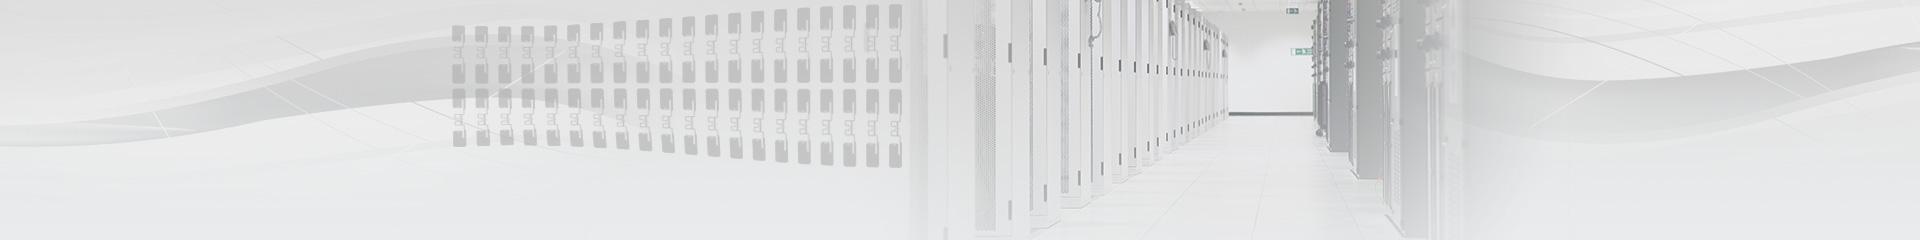 RFID读写器/模块